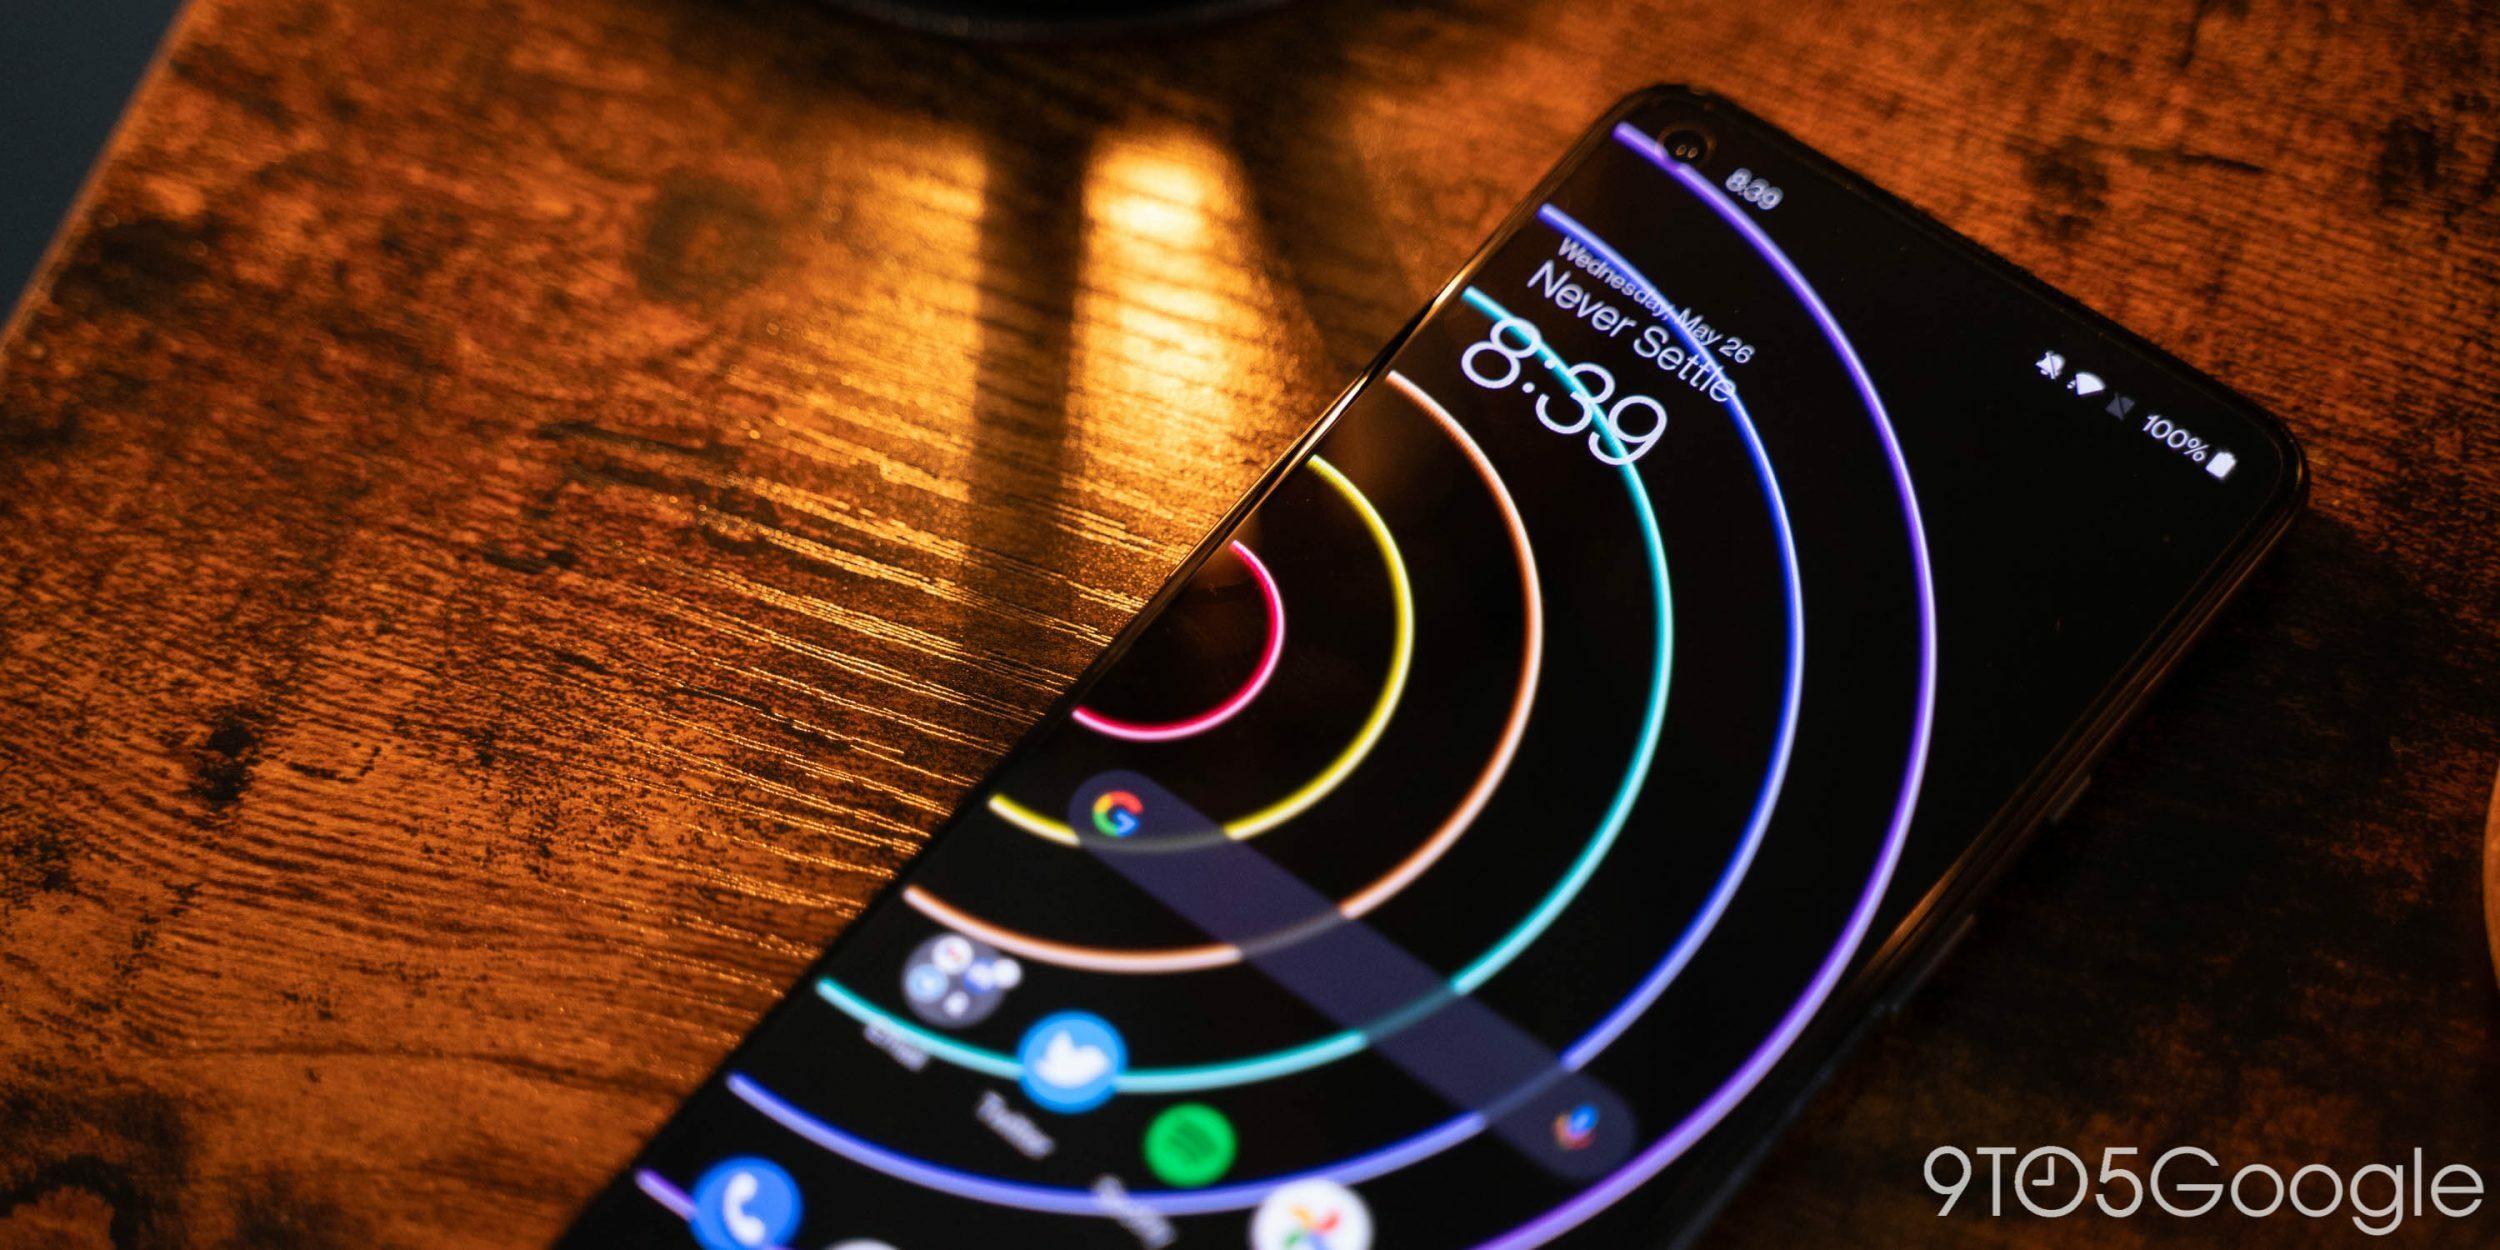 L'app per sfondi che vorrete sul vostro smartphone è di OnePlus: come provarla subito (foto)